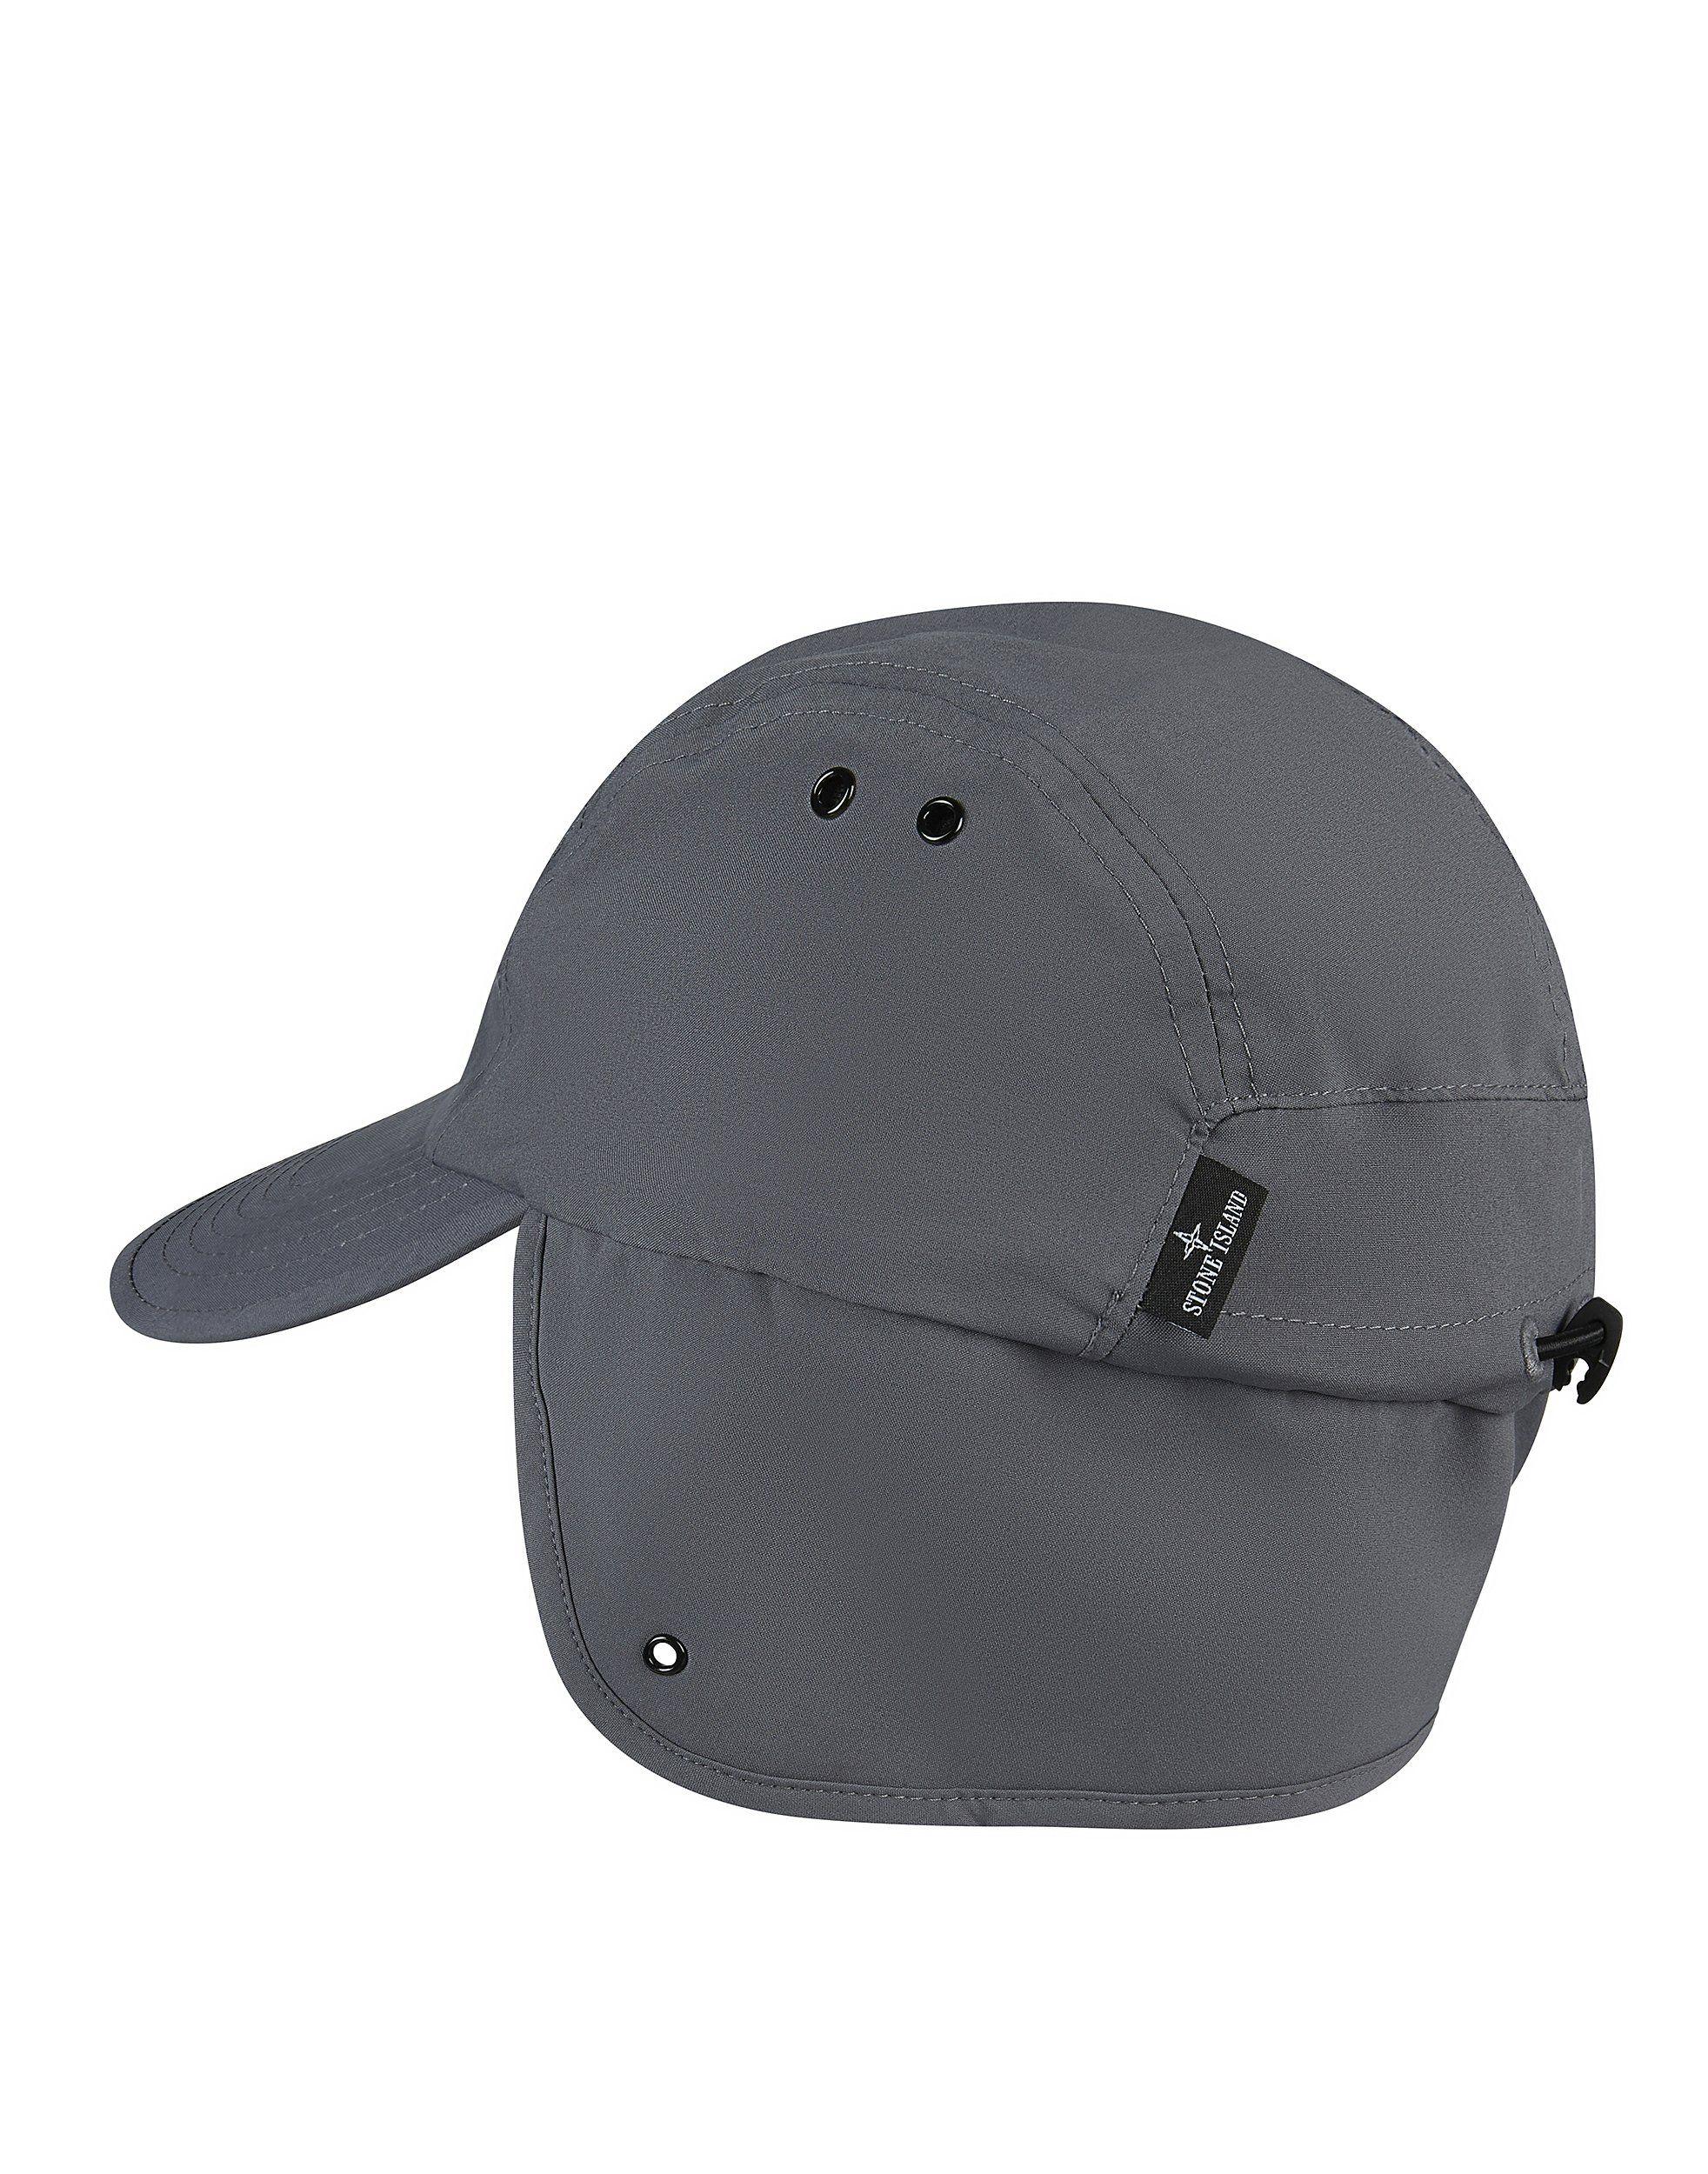 99476 SOFT SHELL-R Cap in Grey  da4939d00fd0